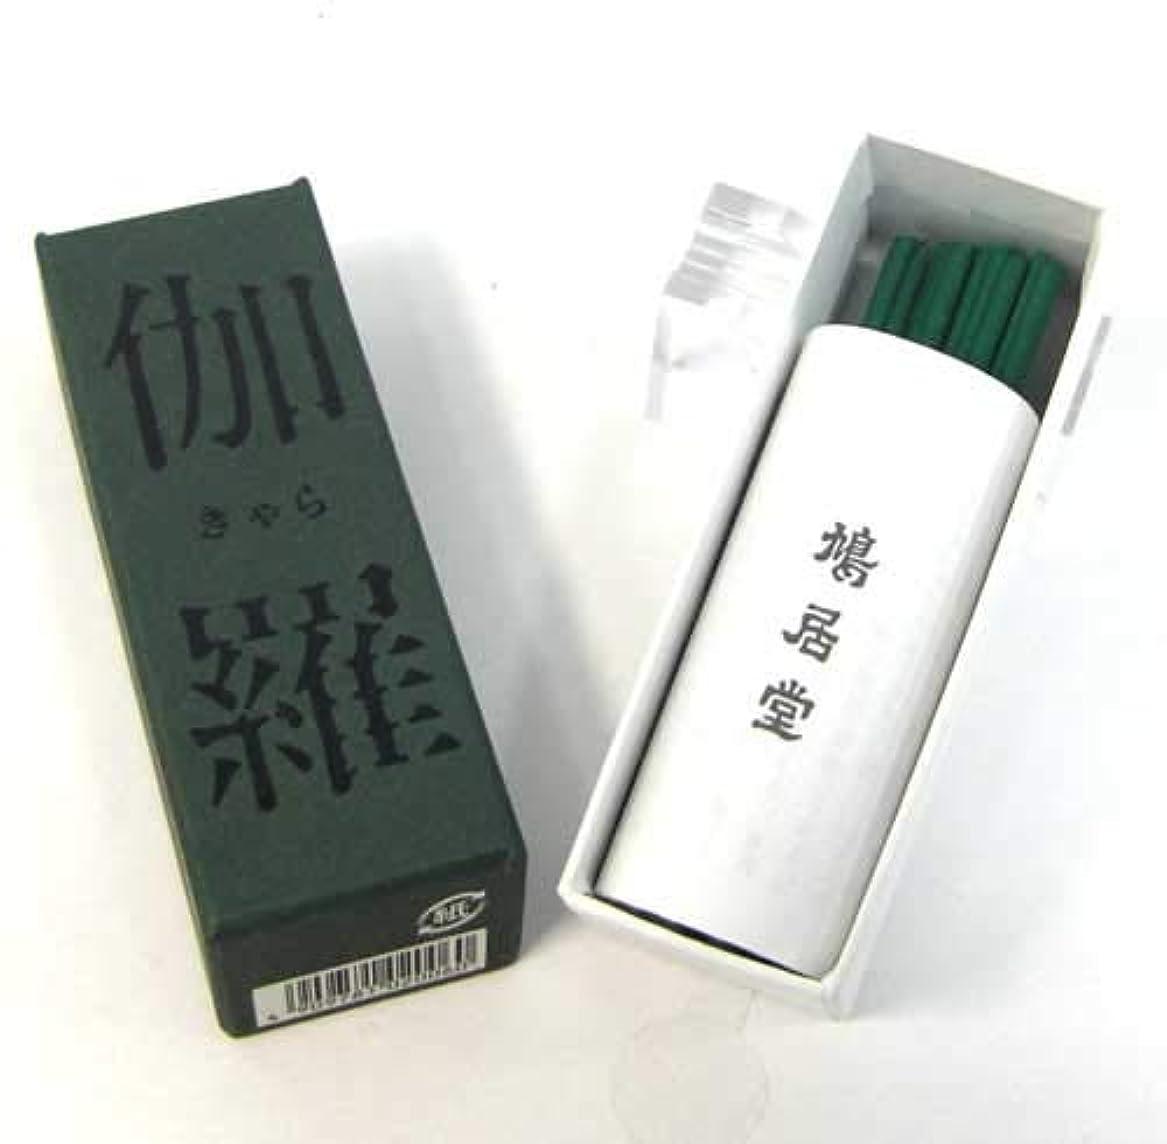 スリチンモイモック取る鳩居堂 お香 伽羅/きゃら 香木の香りシリーズ スティックタイプ(棒状香)20本いり